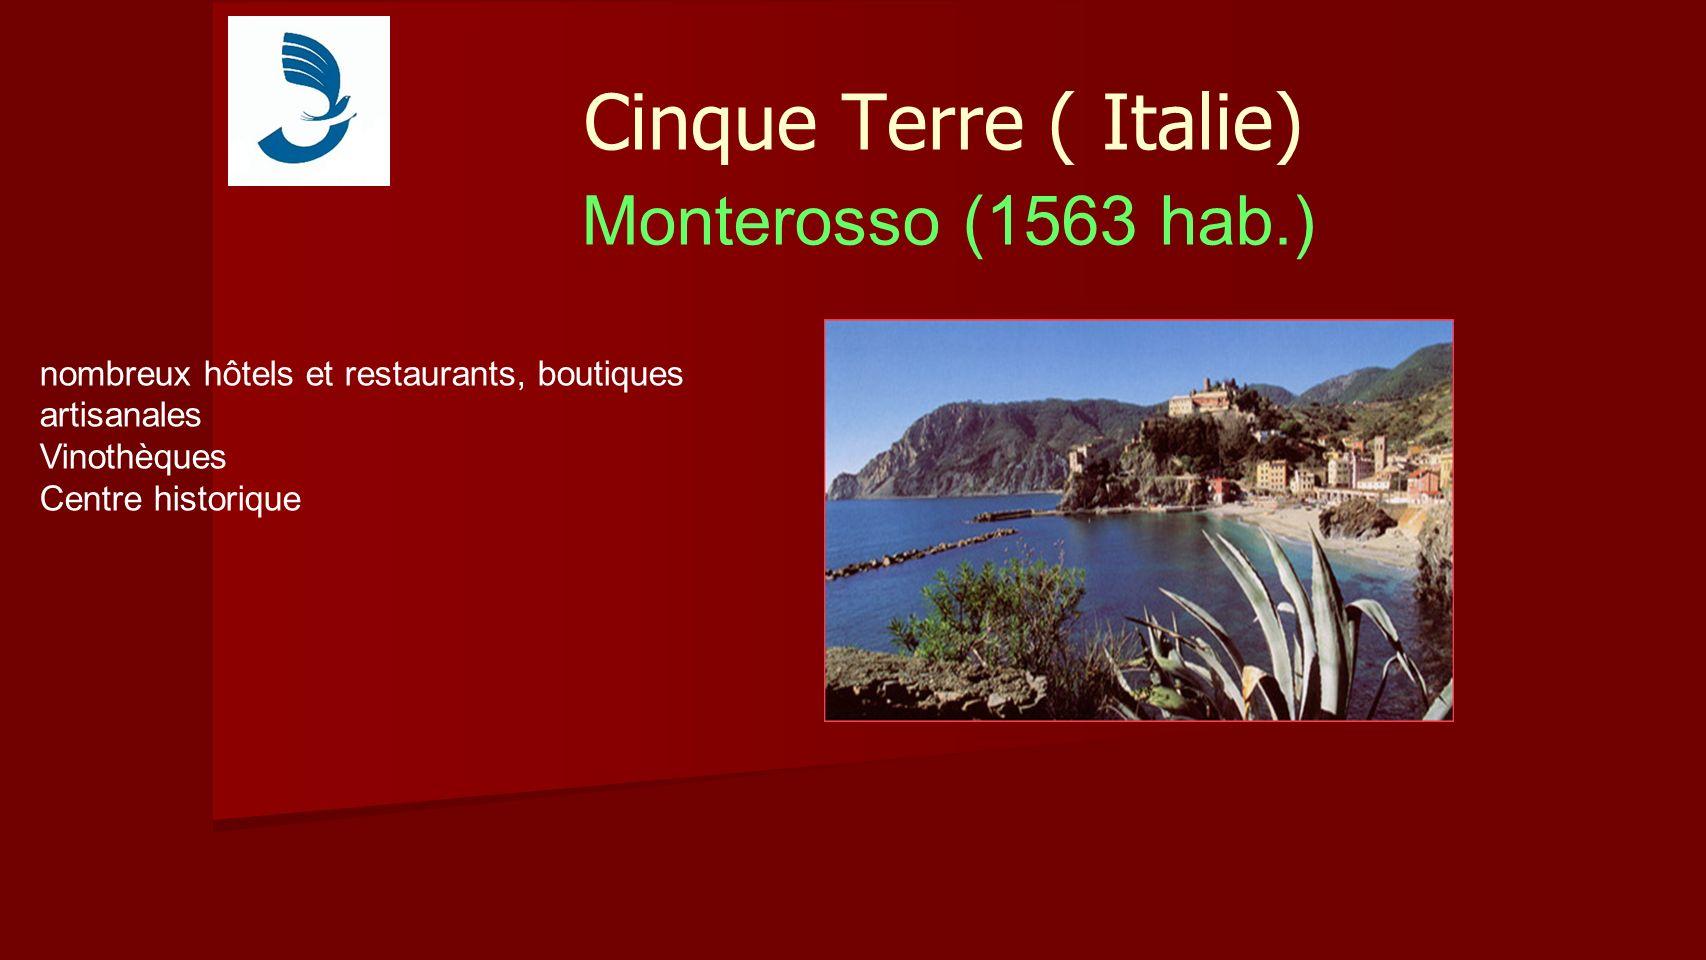 Cinque Terre ( Italie) Monterosso (1563 hab.) nombreux hôtels et restaurants, boutiques artisanales Vinothèques Centre historique.